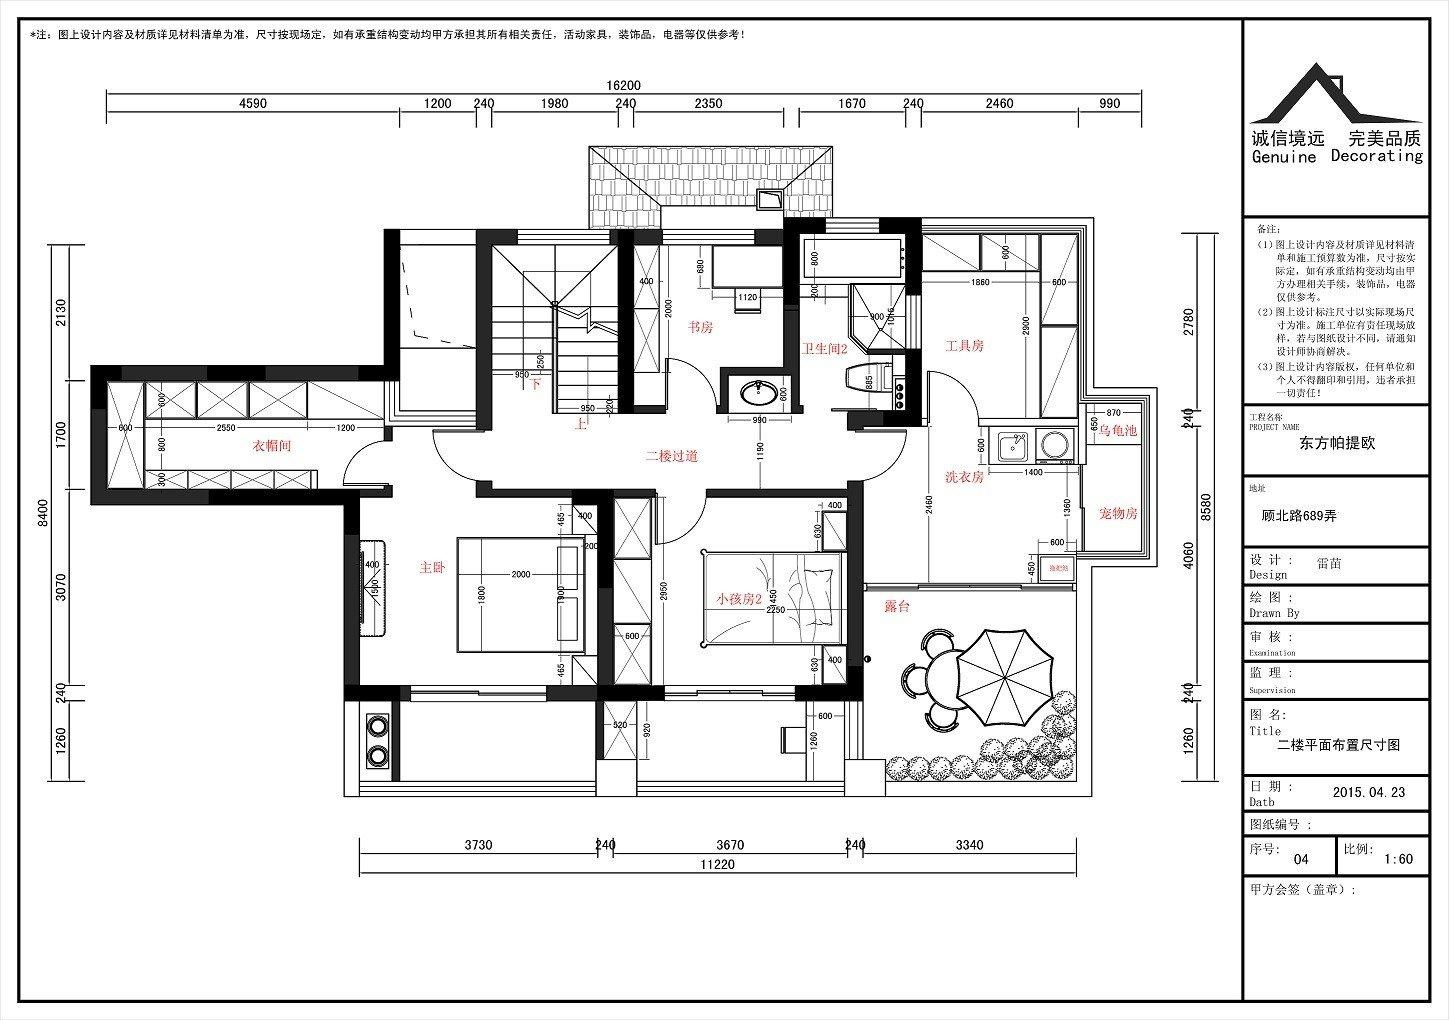 2二楼平面布置图.jpg